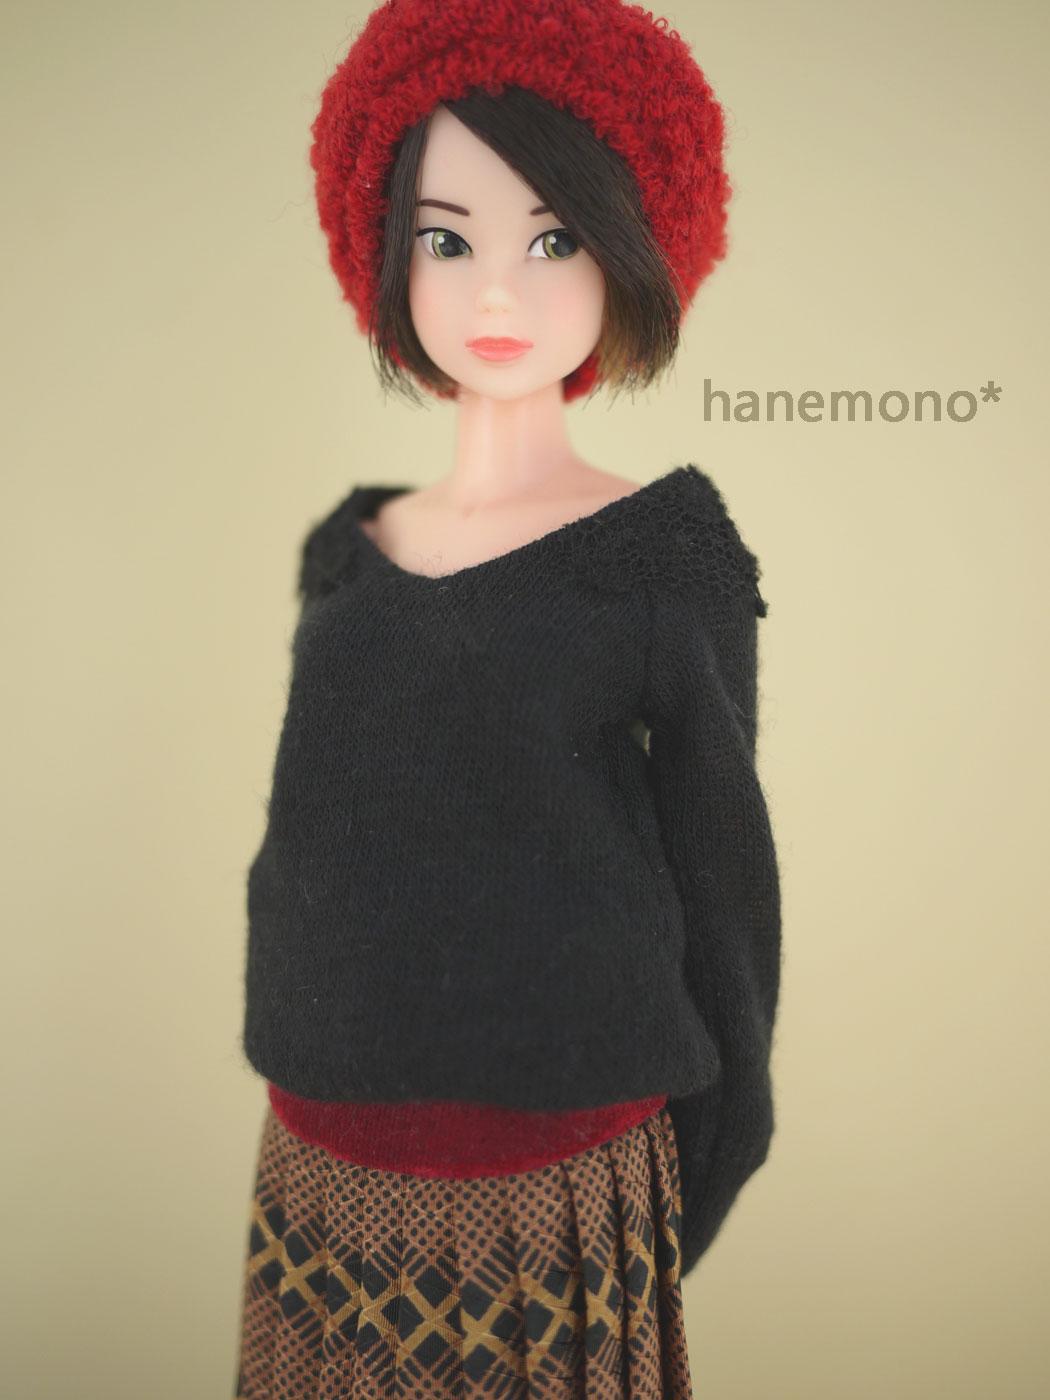 http://momoko.so-i.net/img/150319b13f132.jpg